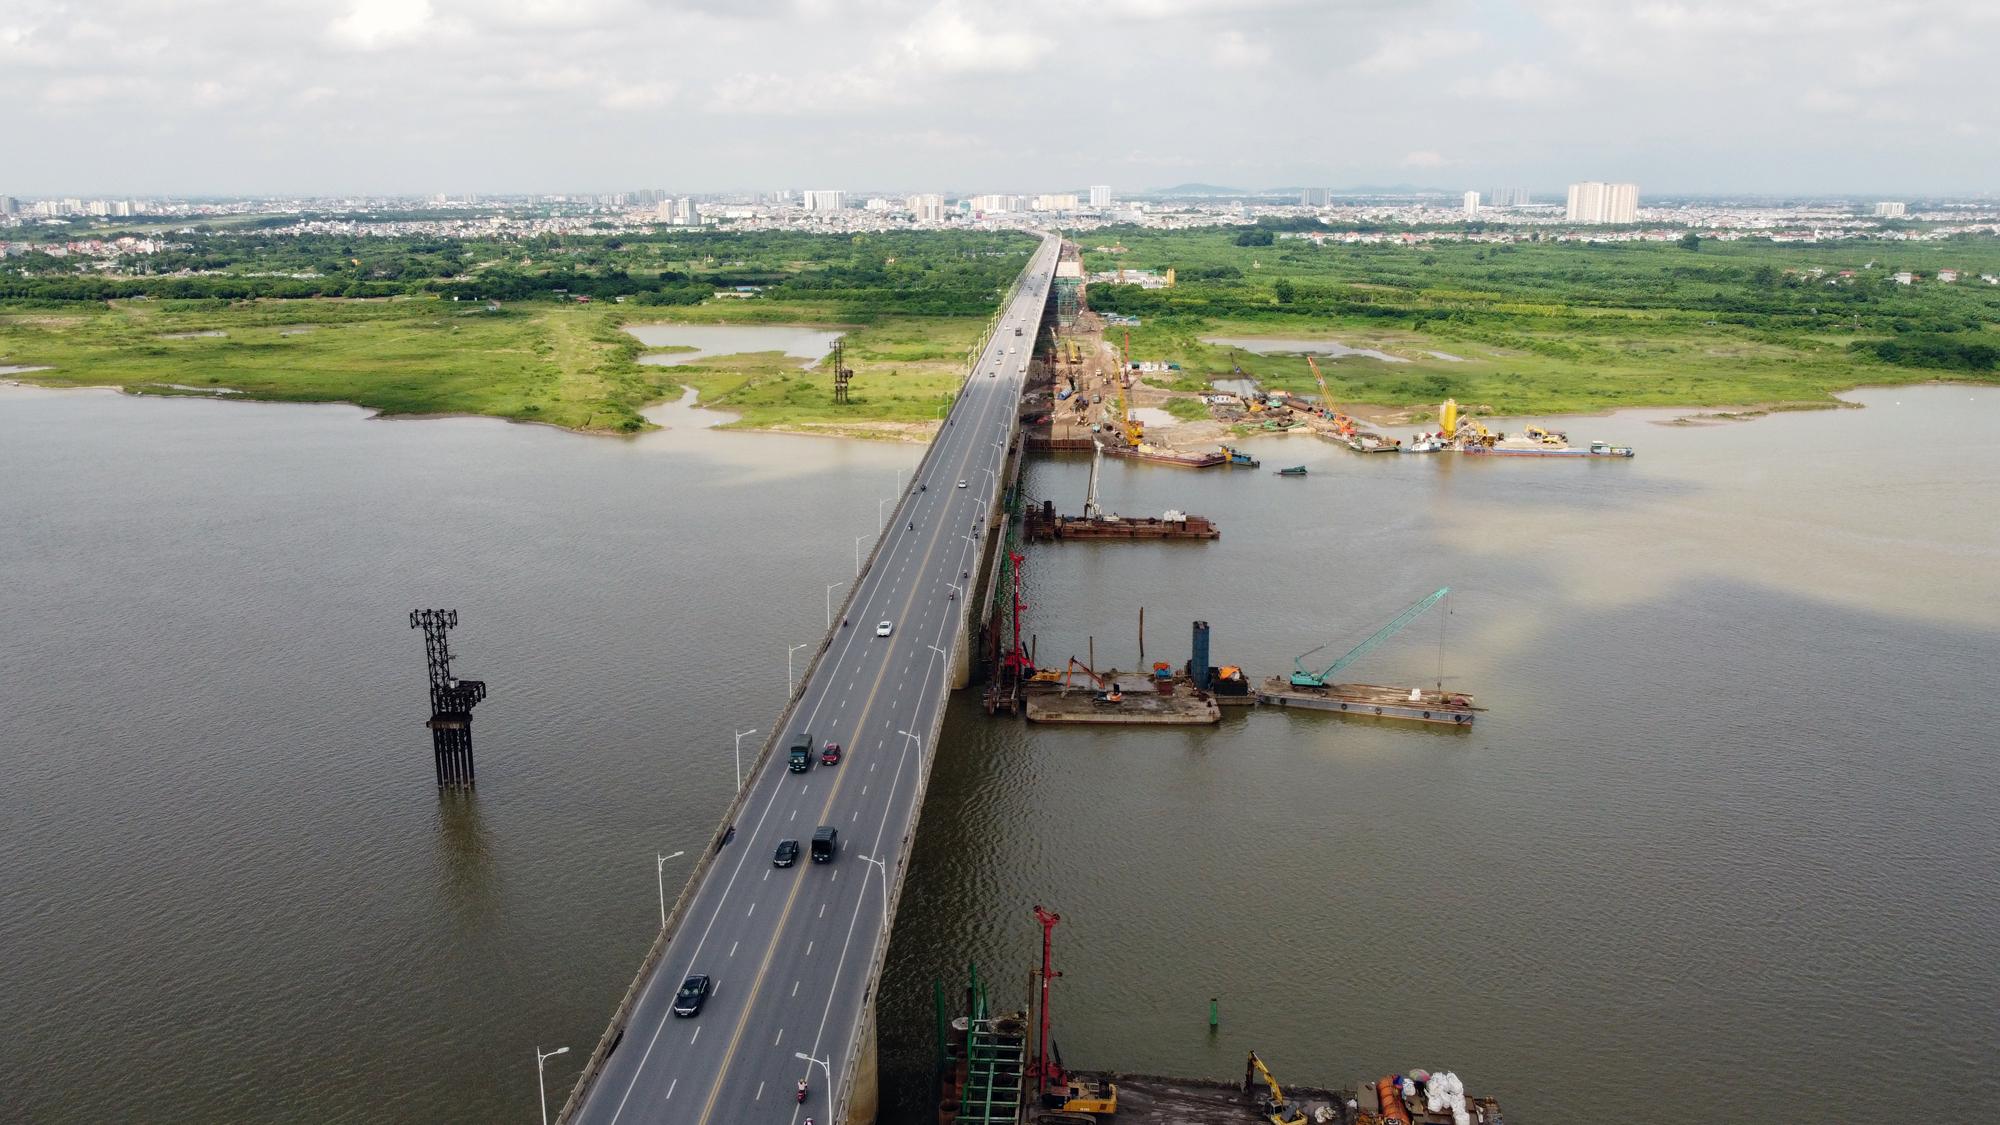 Hình ảnh dự án giao thông trọng điểm của Hà Nội thi công khi giãn cách xã hội - Ảnh 4.